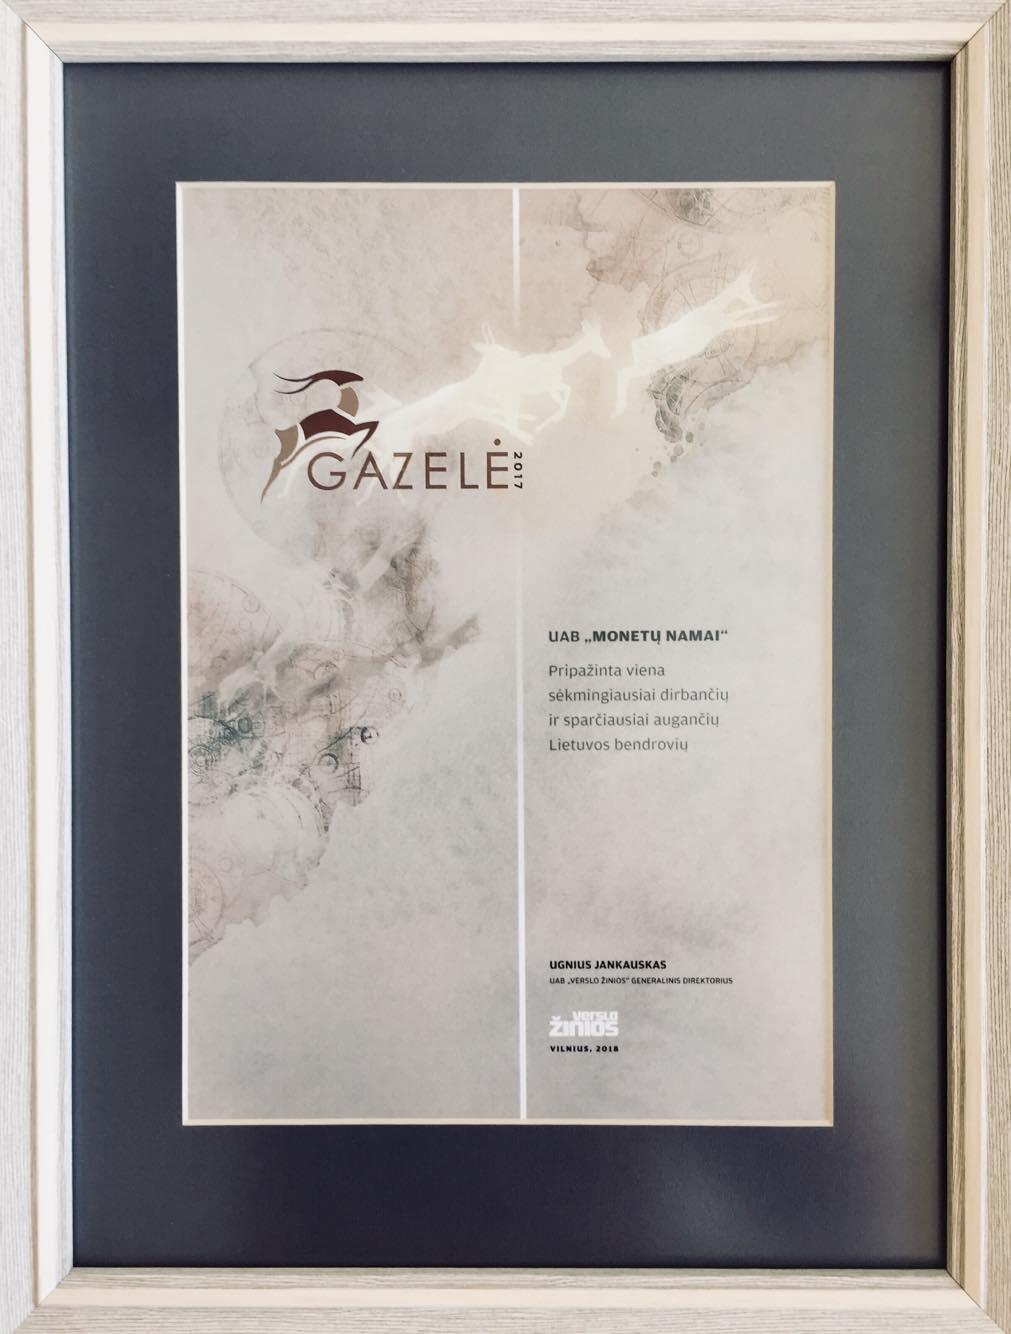 Gazelė 2017 Monetų namai